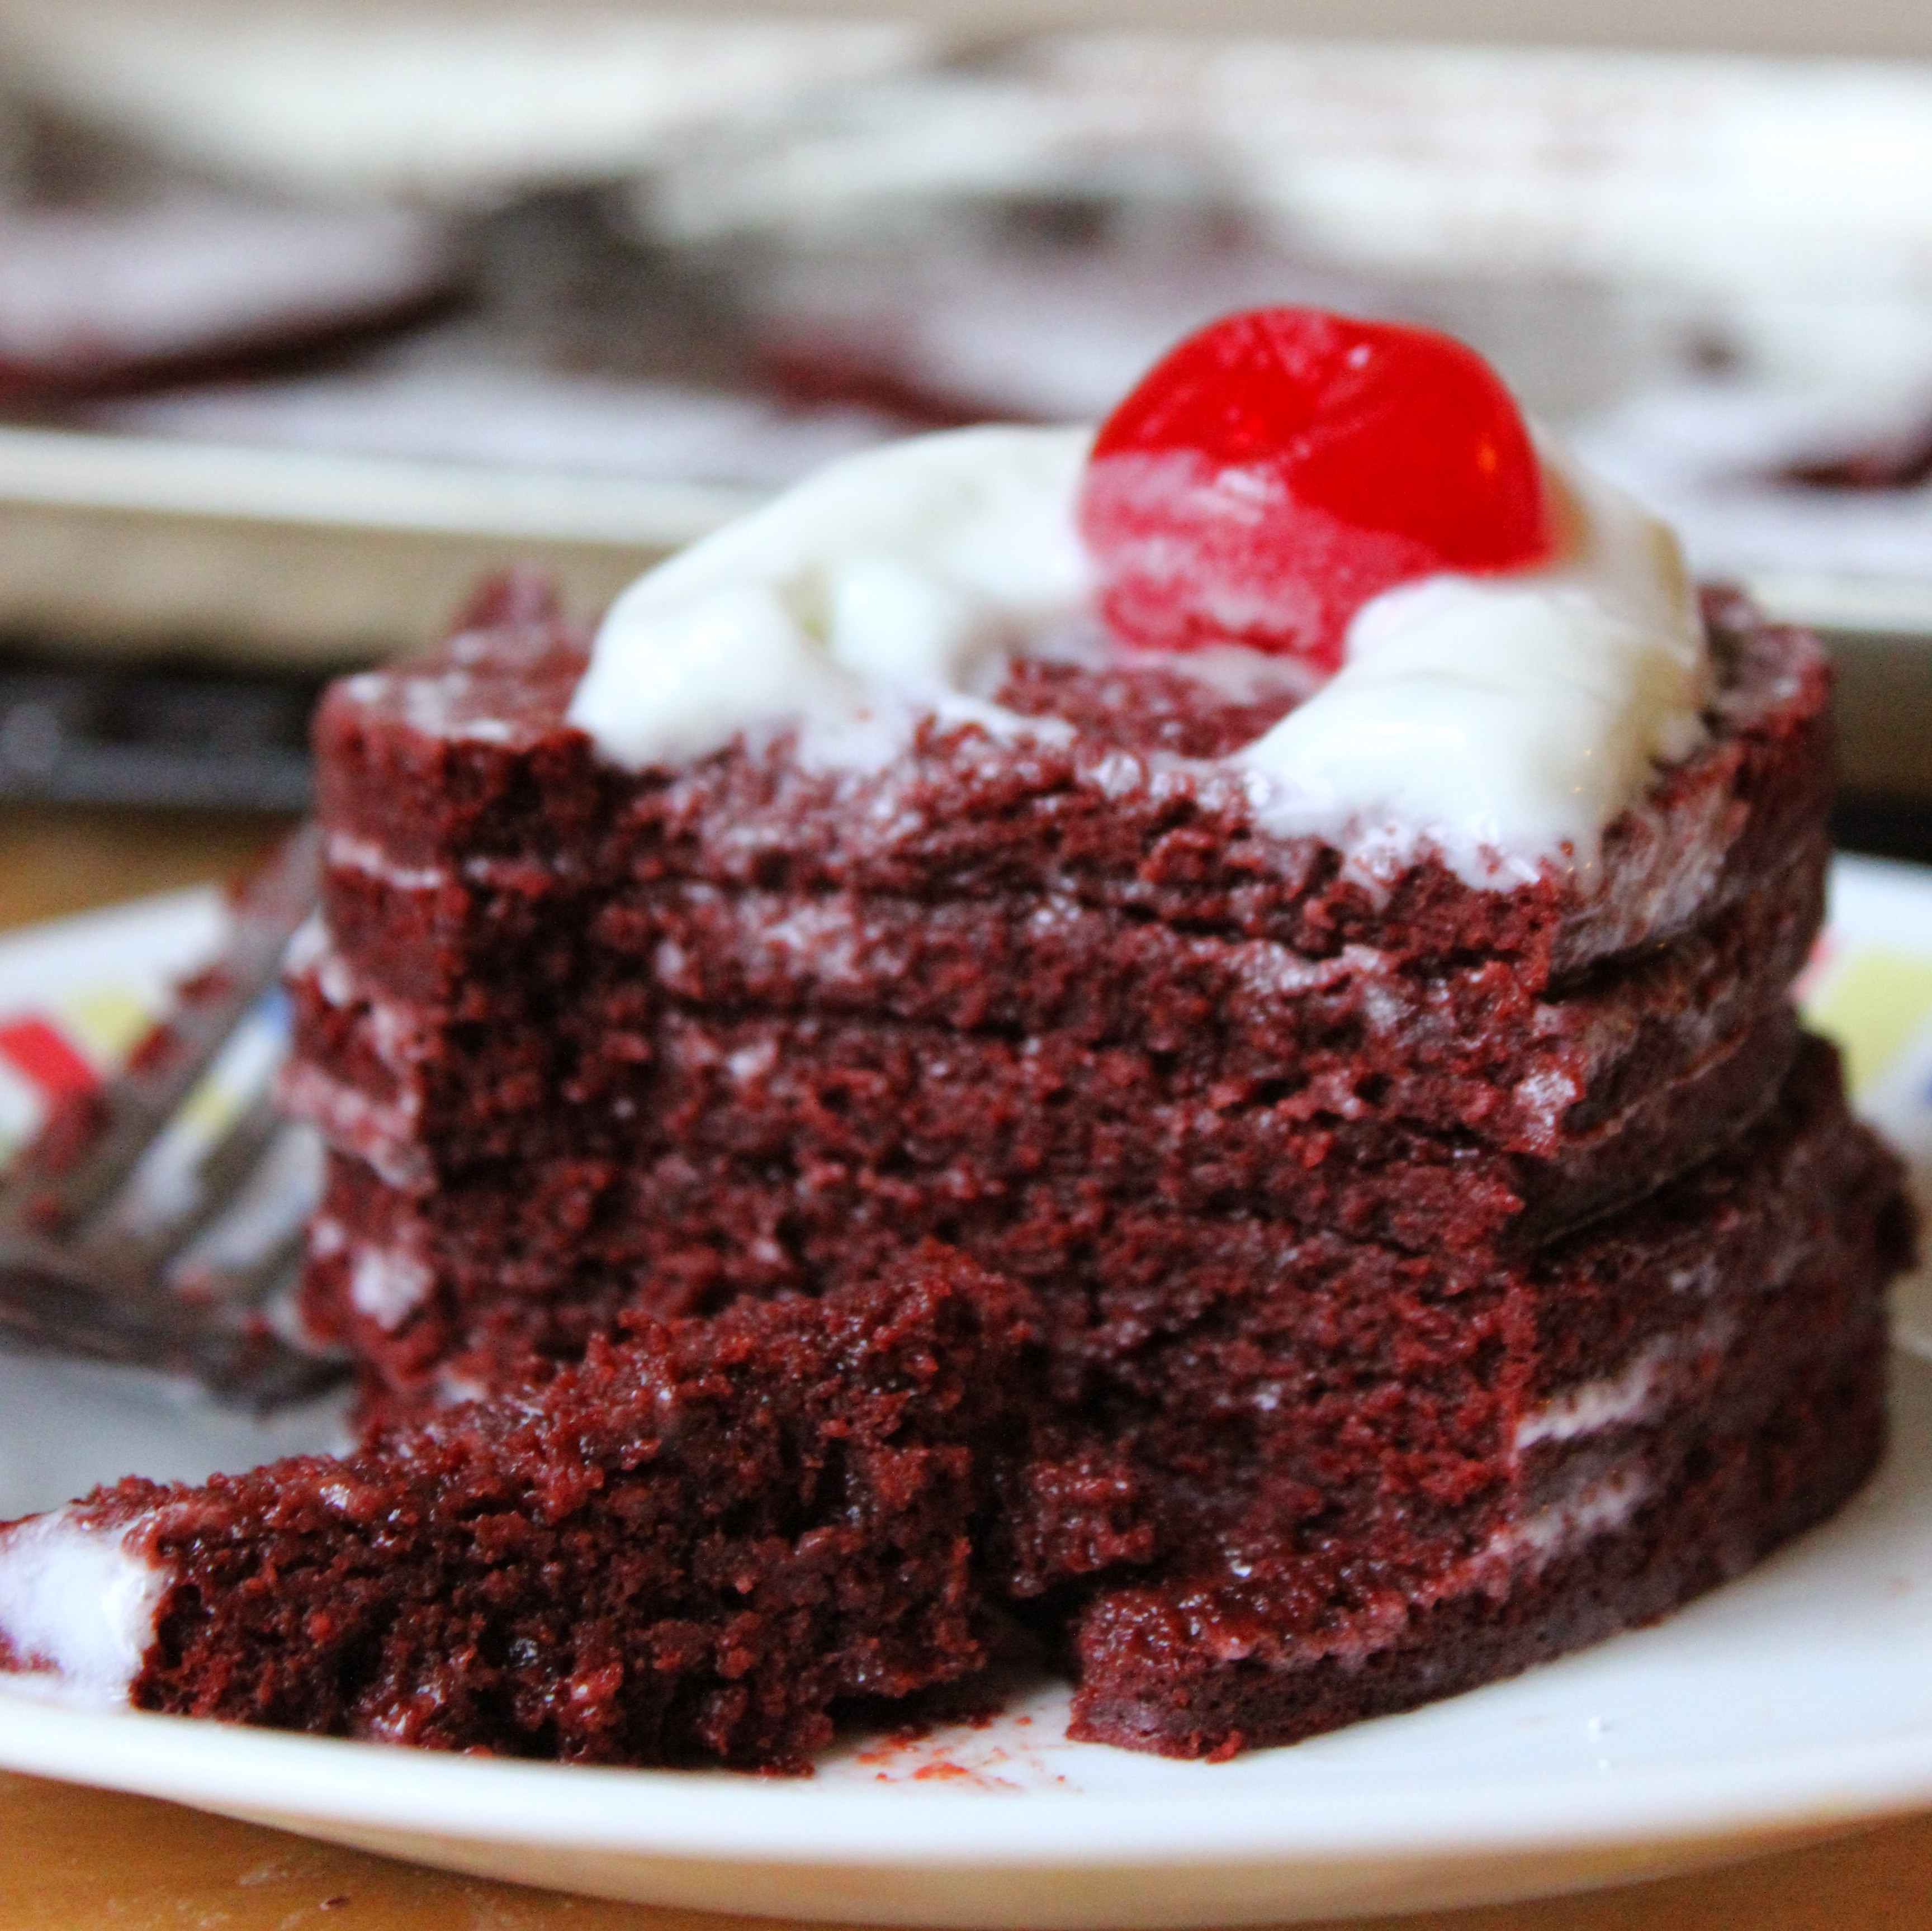 Red Velvet Sheet cake / Valentin's Day Special Layered Red Velvet ...